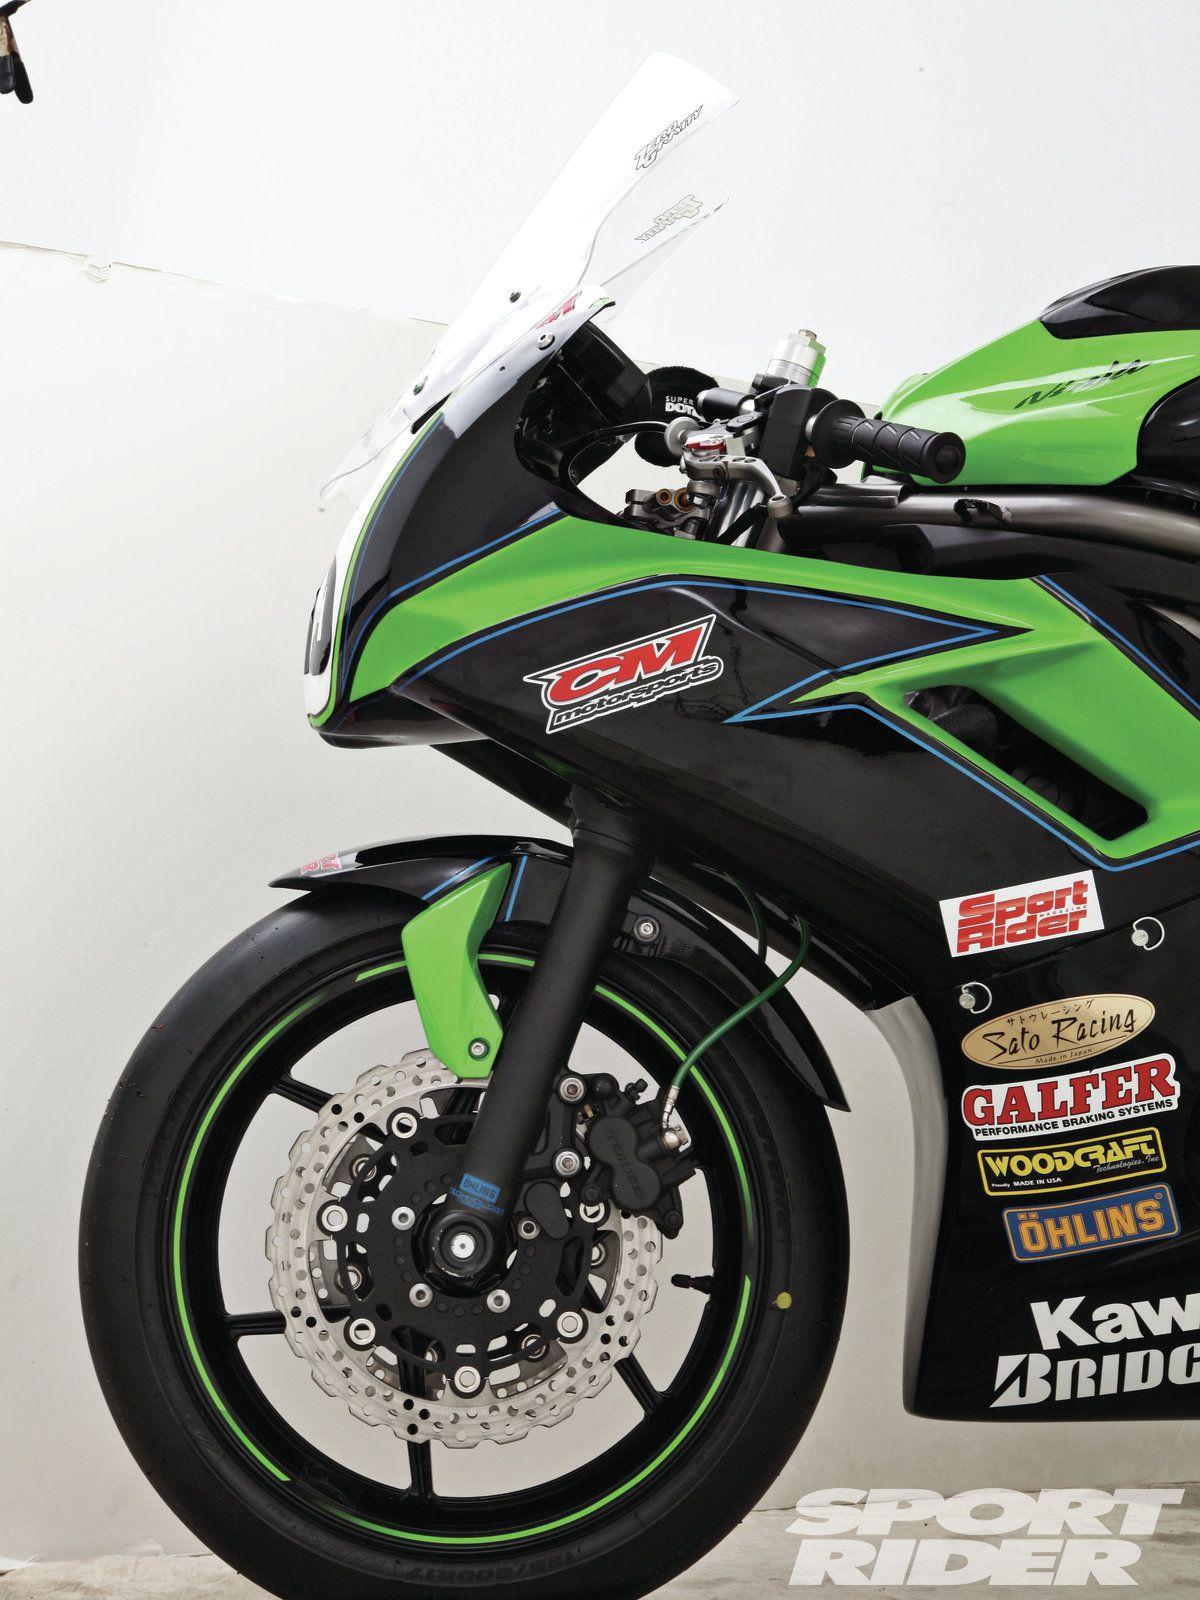 Kawasaki Ninja 650 Racebike Build | Cycle World